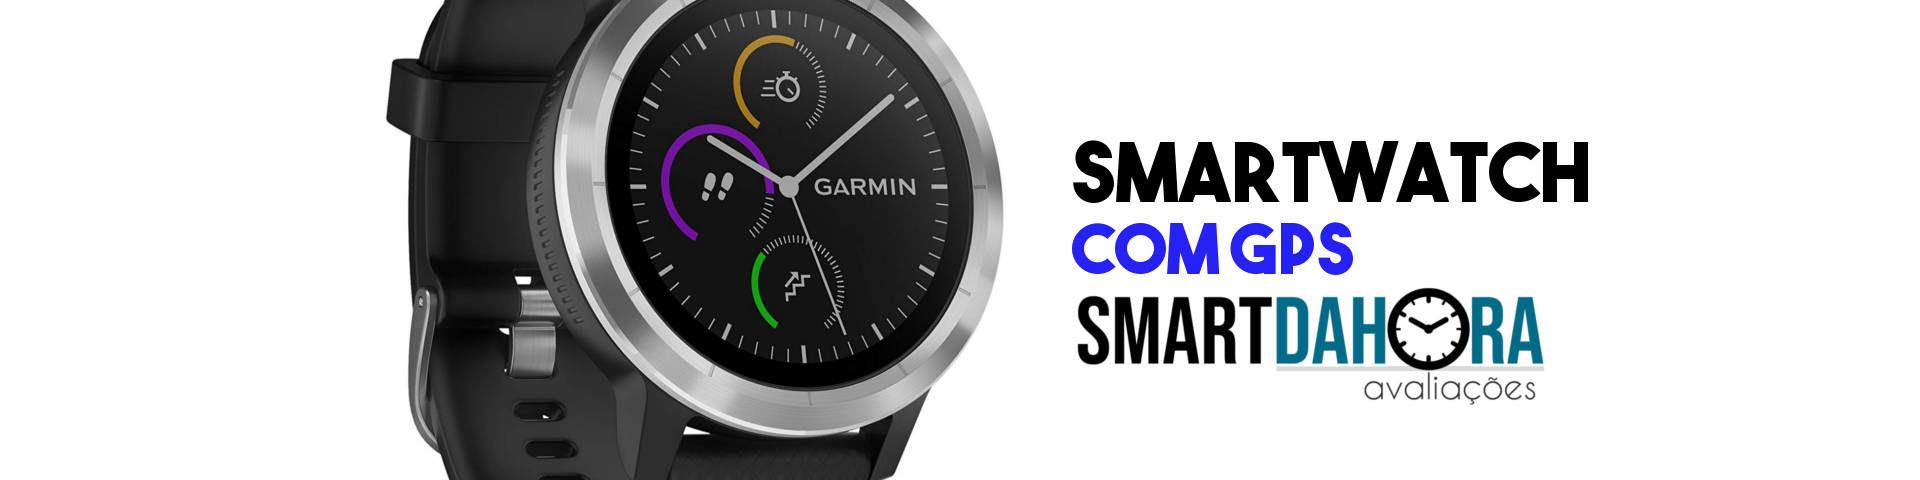 smartwatch com gps para corrida e ciclismo